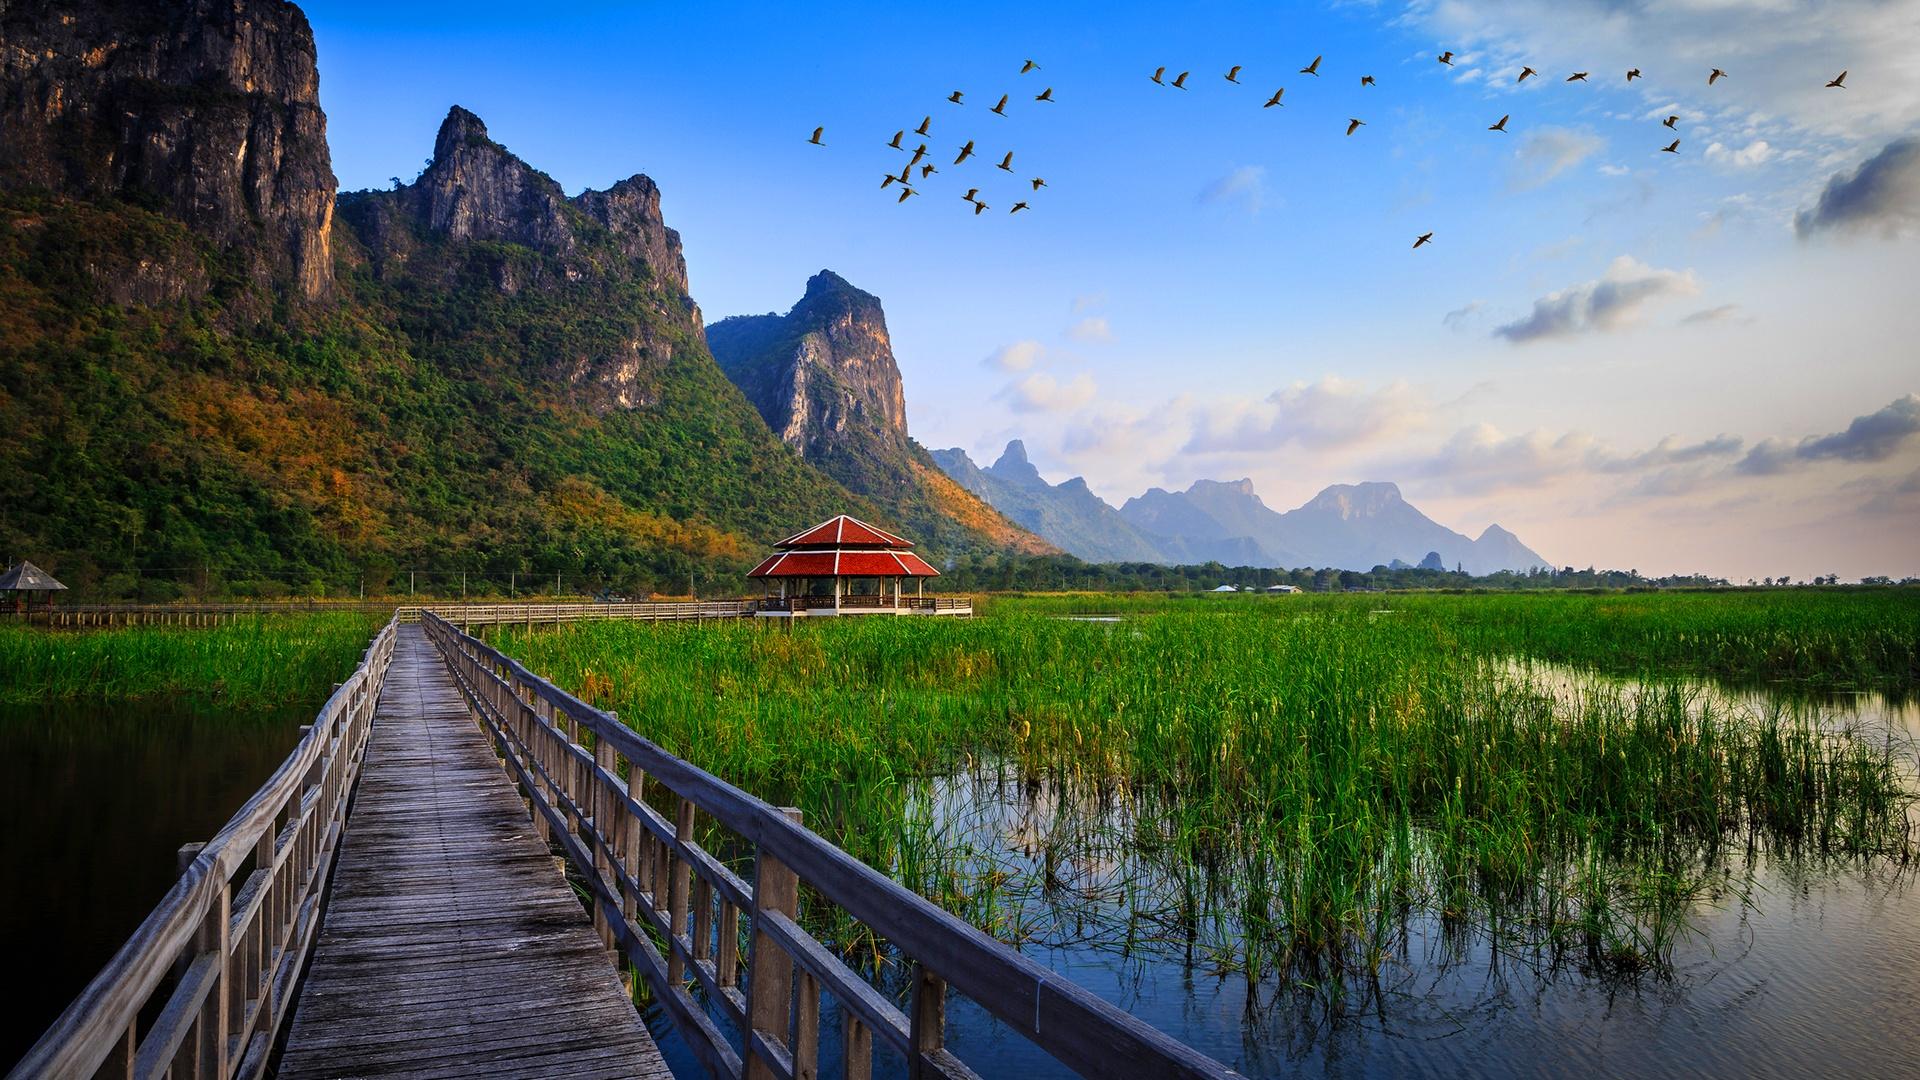 Lake bridge thailand